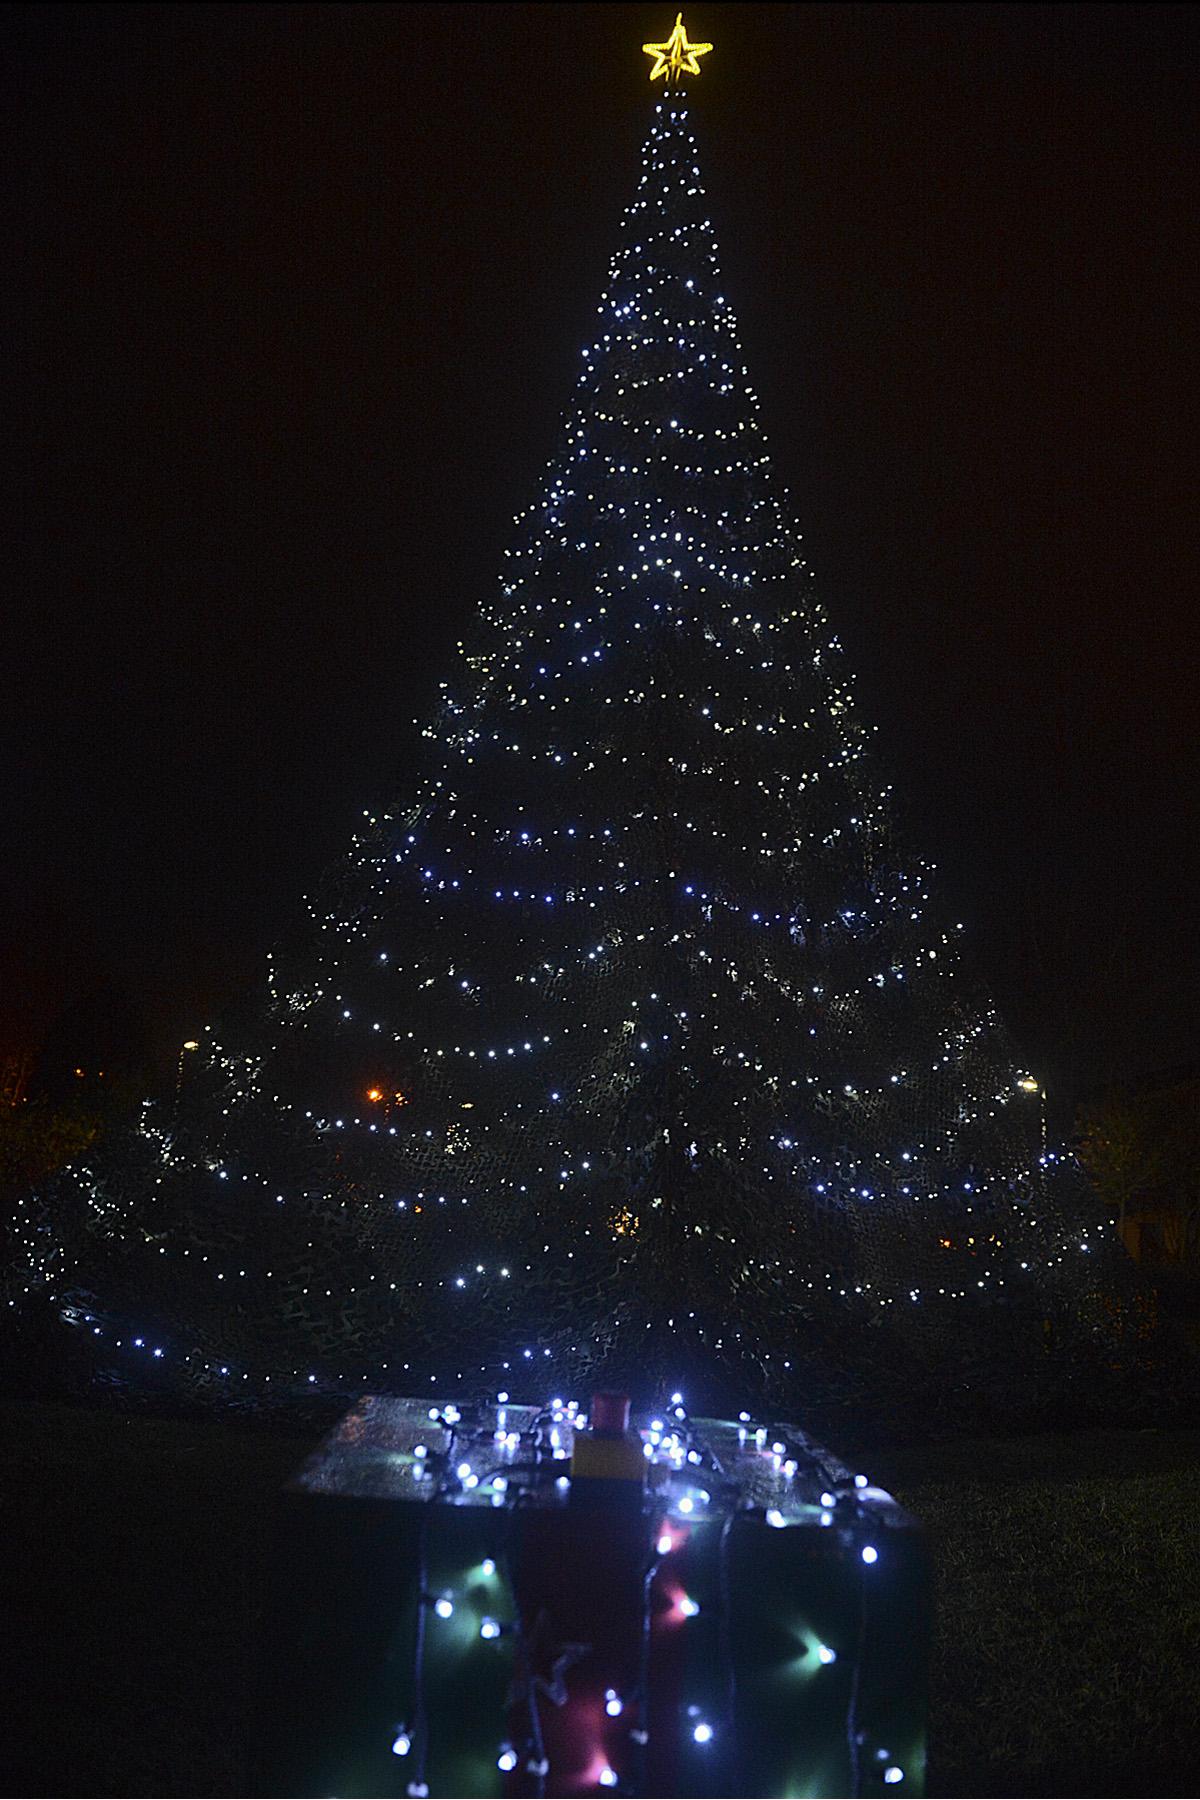 England Christmas Tree.Wing Christmas Tree Spreads Holiday Spirit Savings